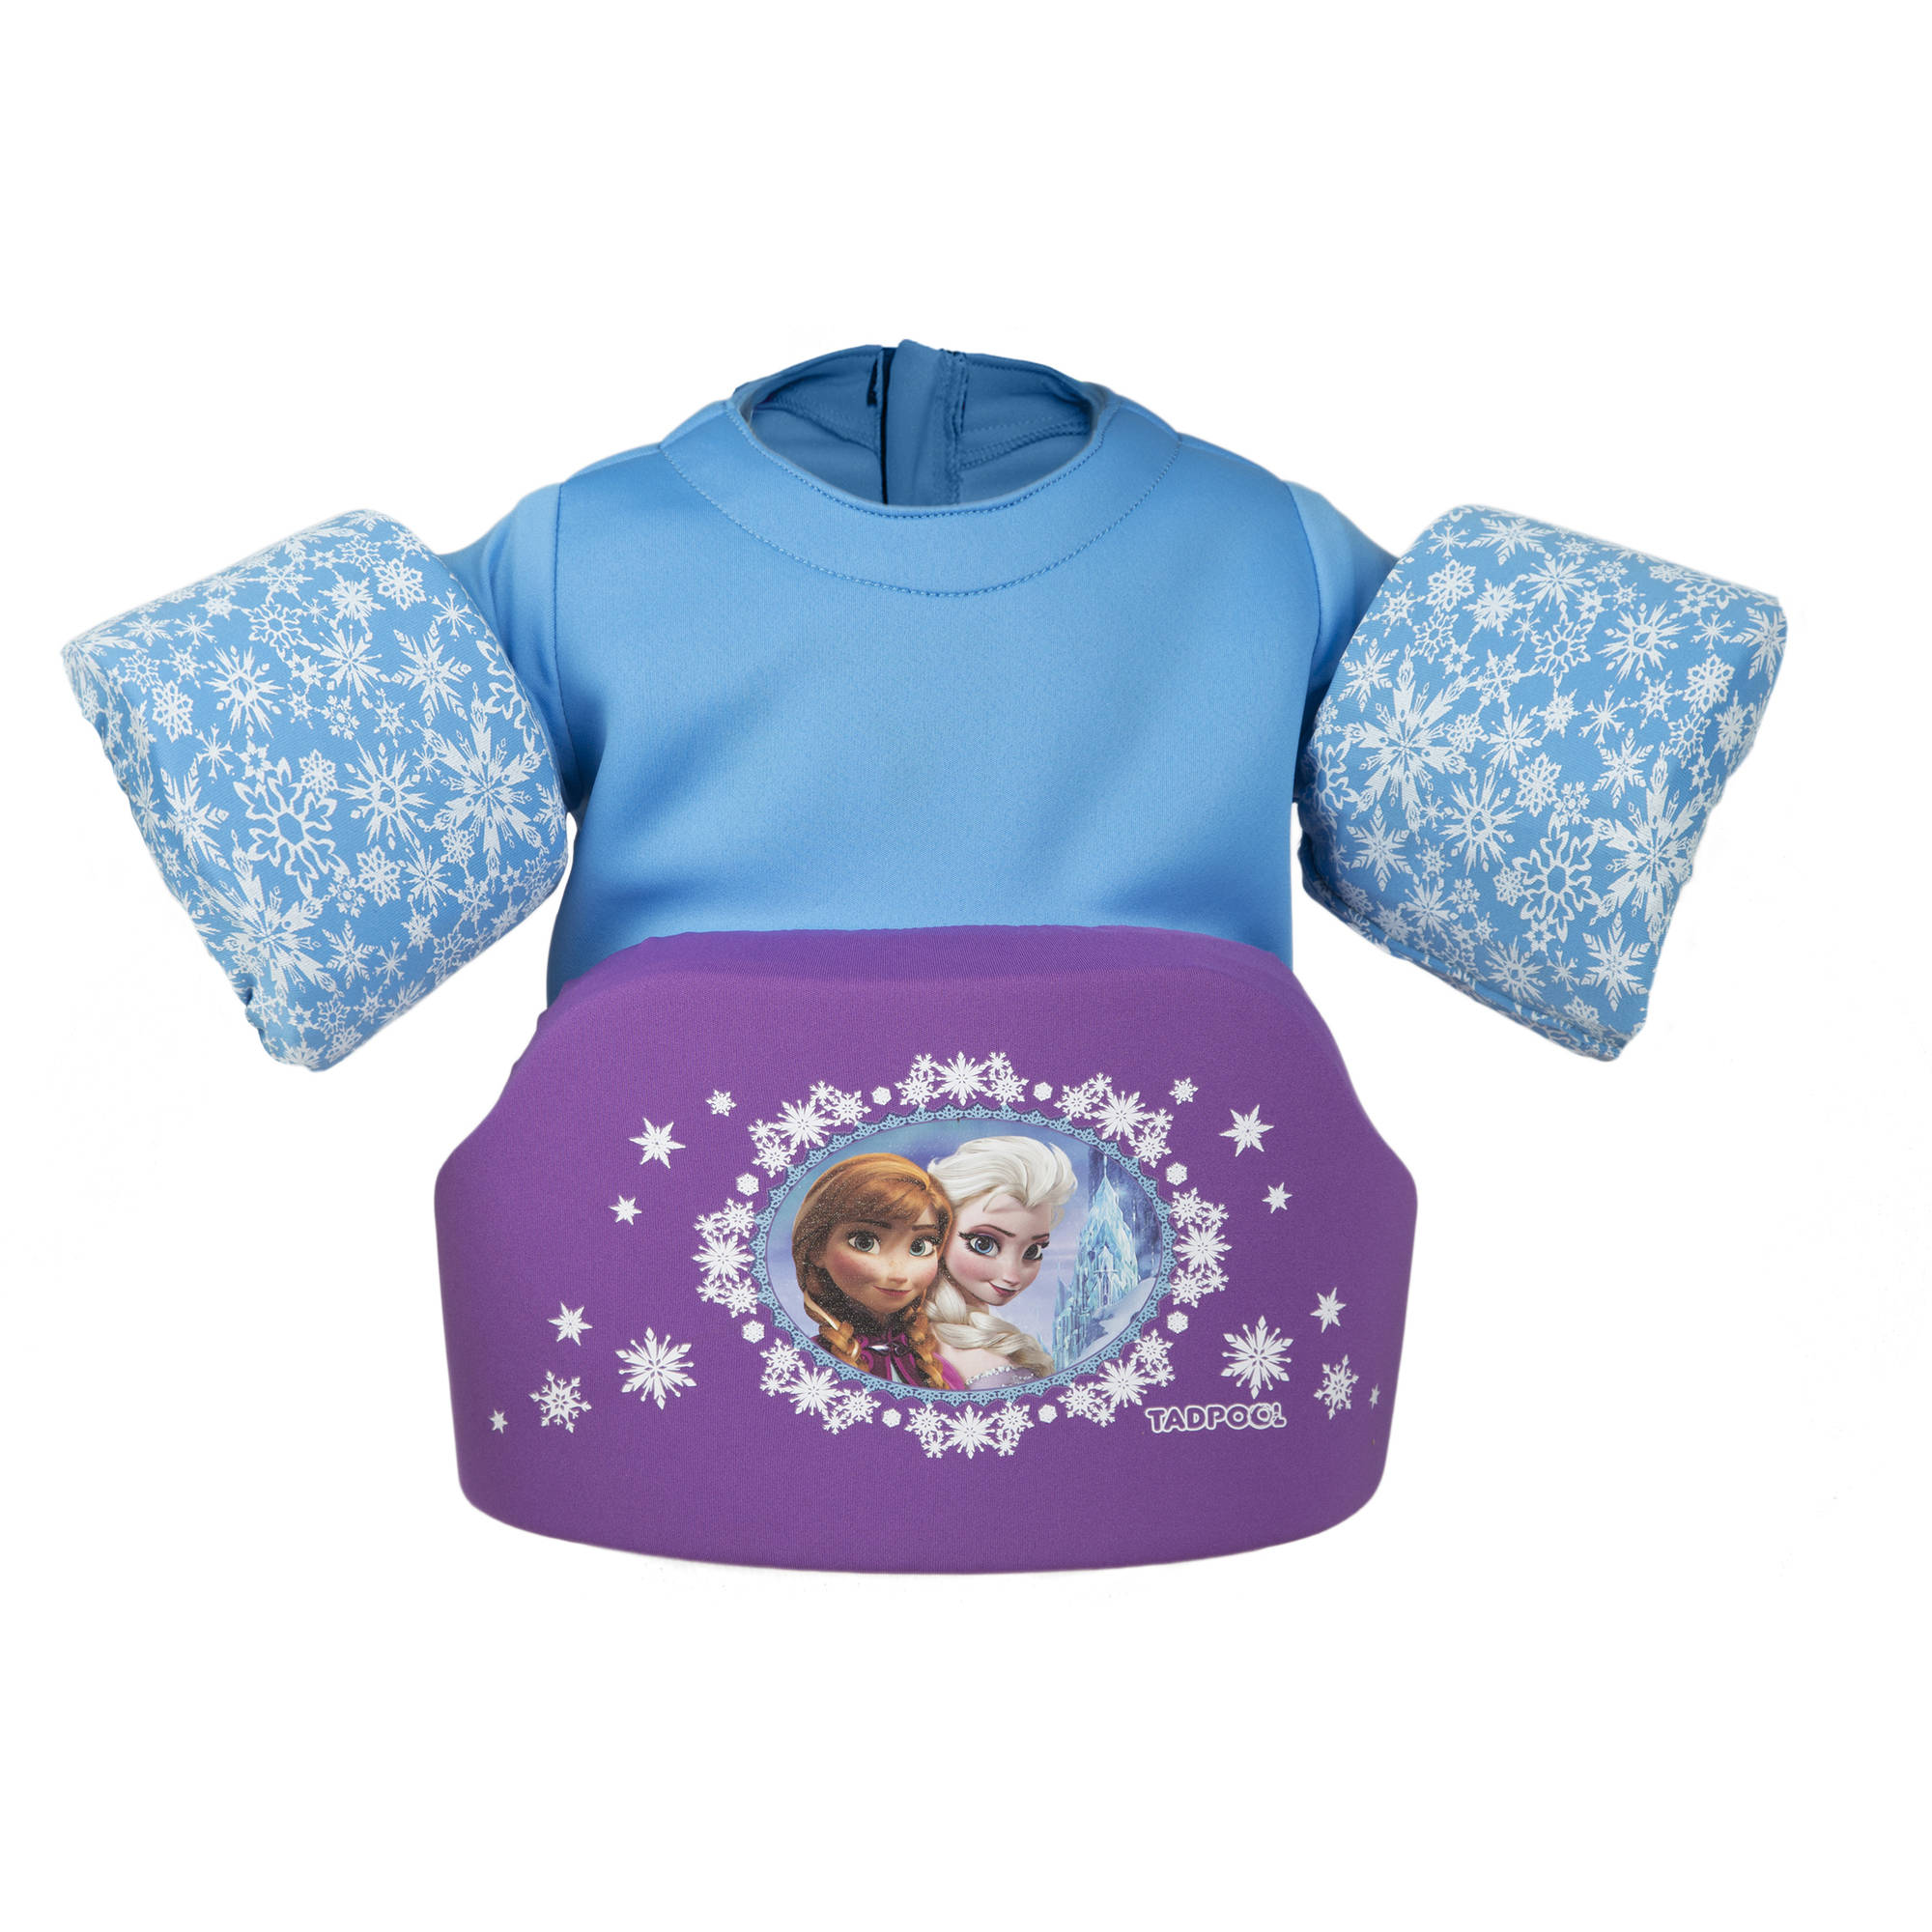 Disney Frozen 2015 Tadpool Vest by